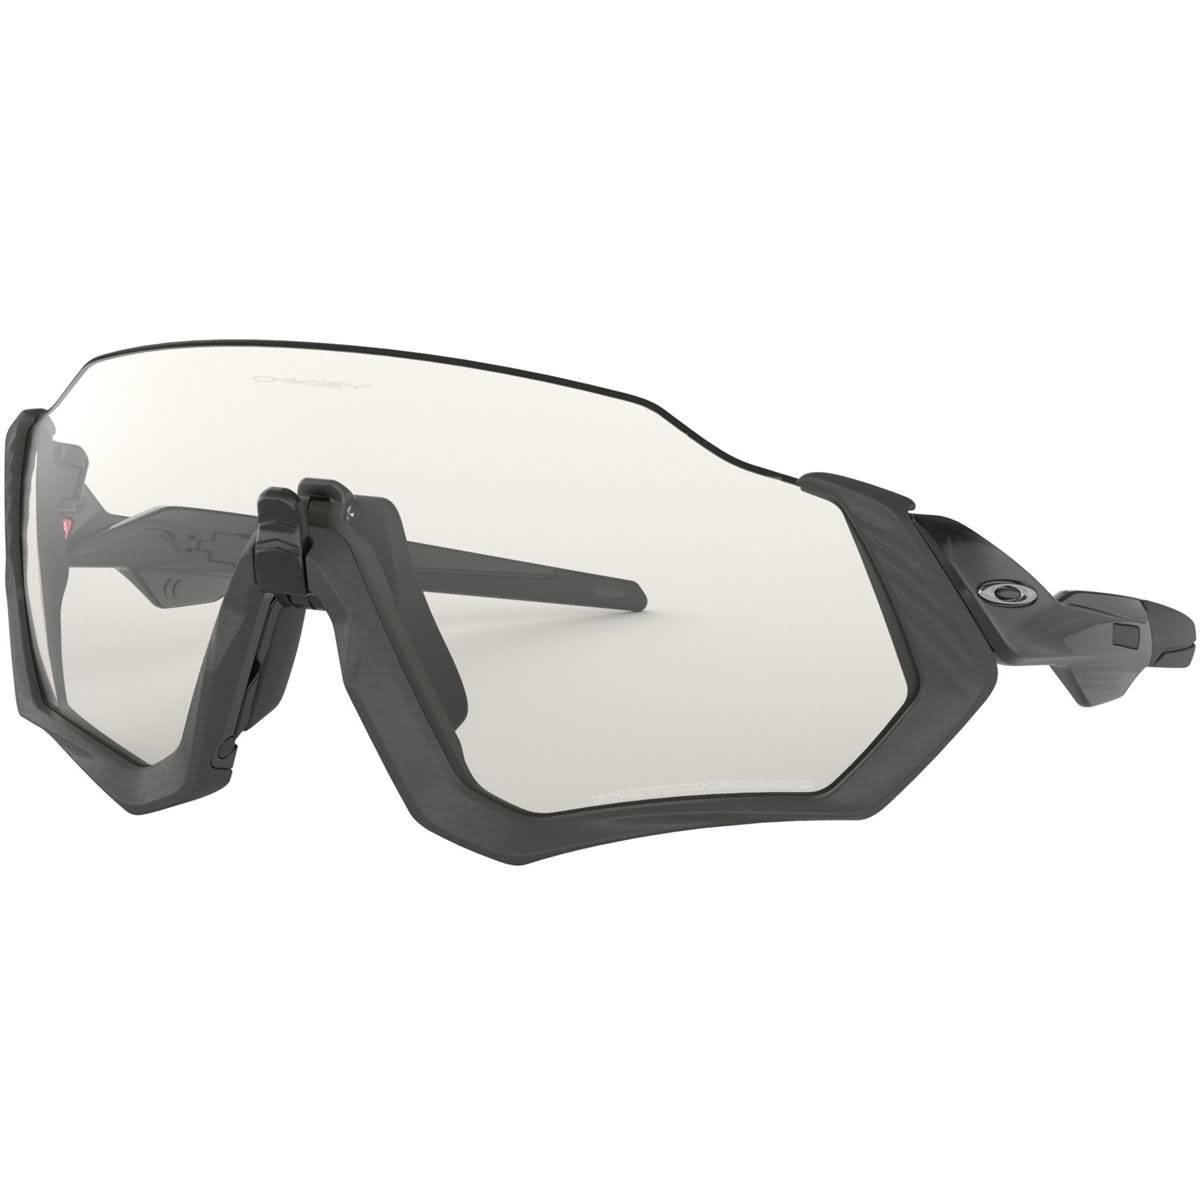 Oakley Men's OO9401 Flight Jacket Shield Sunglasses, Steel/Photochromic, 37 mm by Oakley